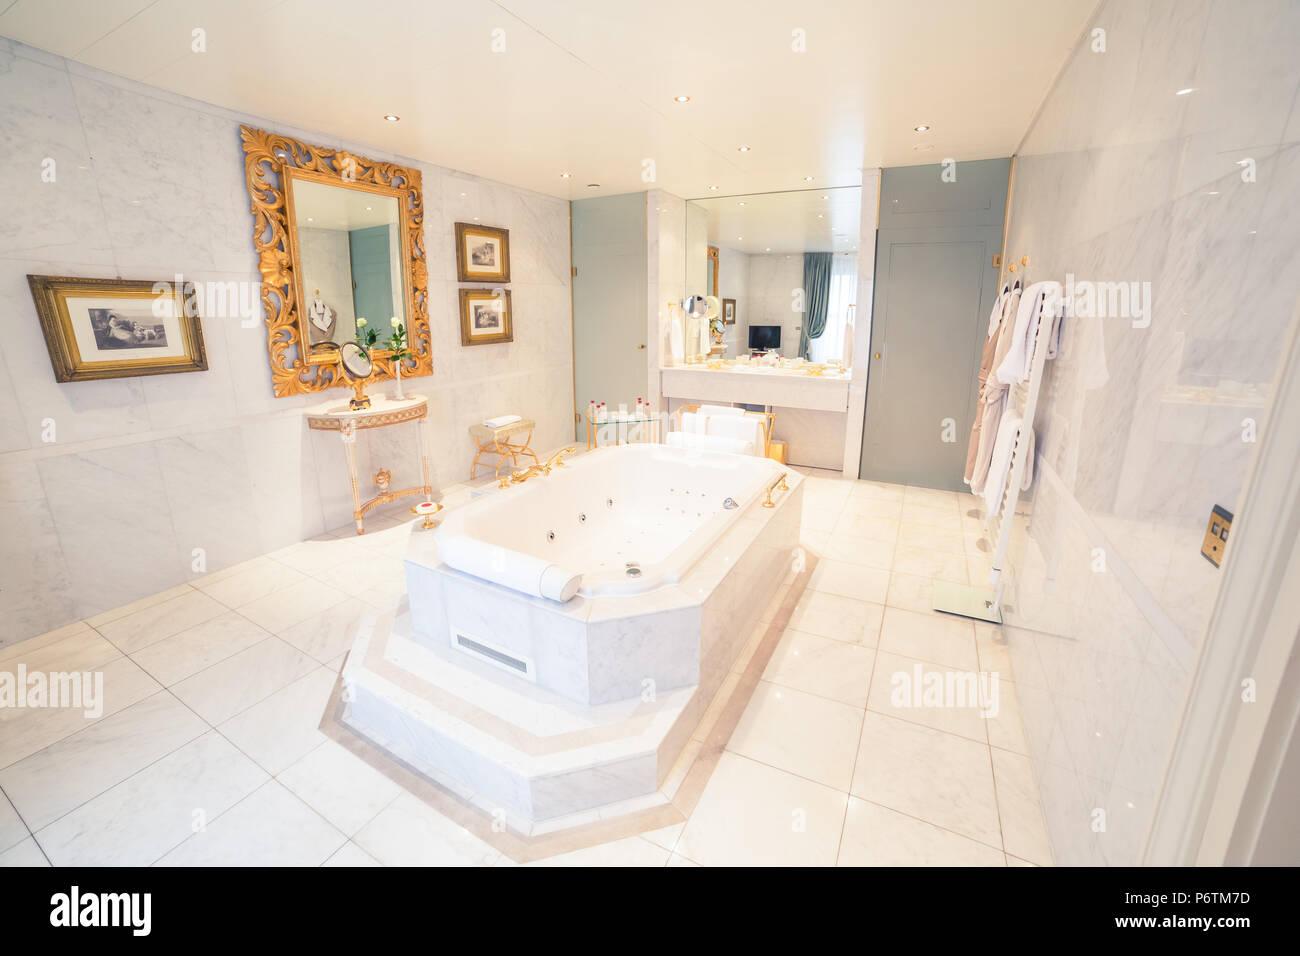 Luxus Hotel in Weiß und Gold Bad Suite Stockfotografie - Alamy